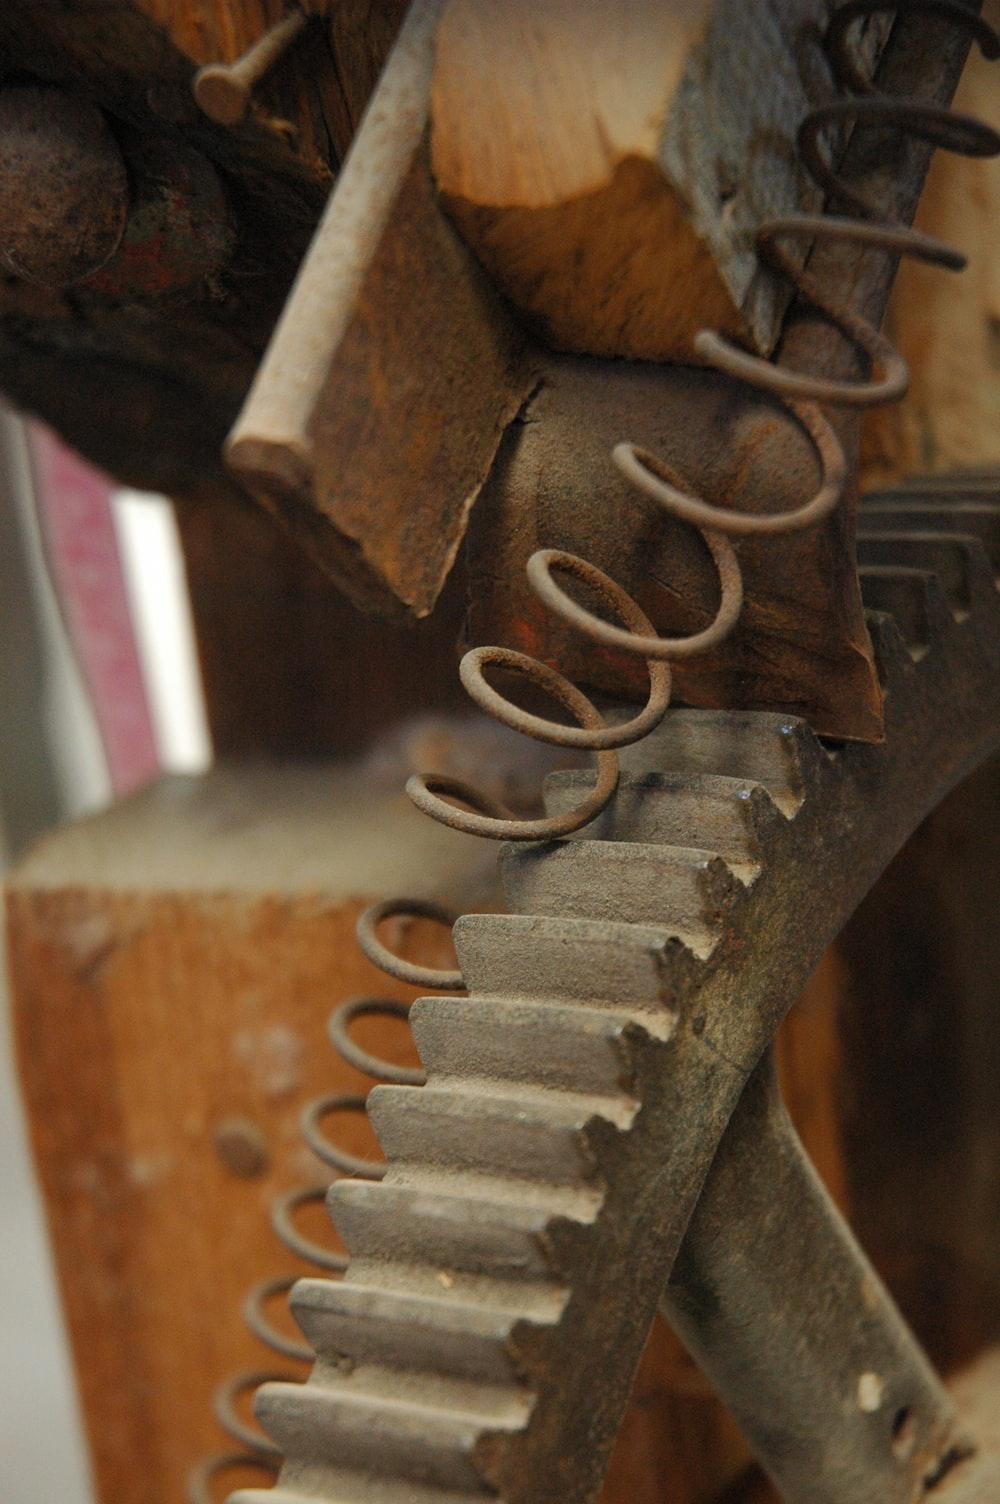 brass coil spring